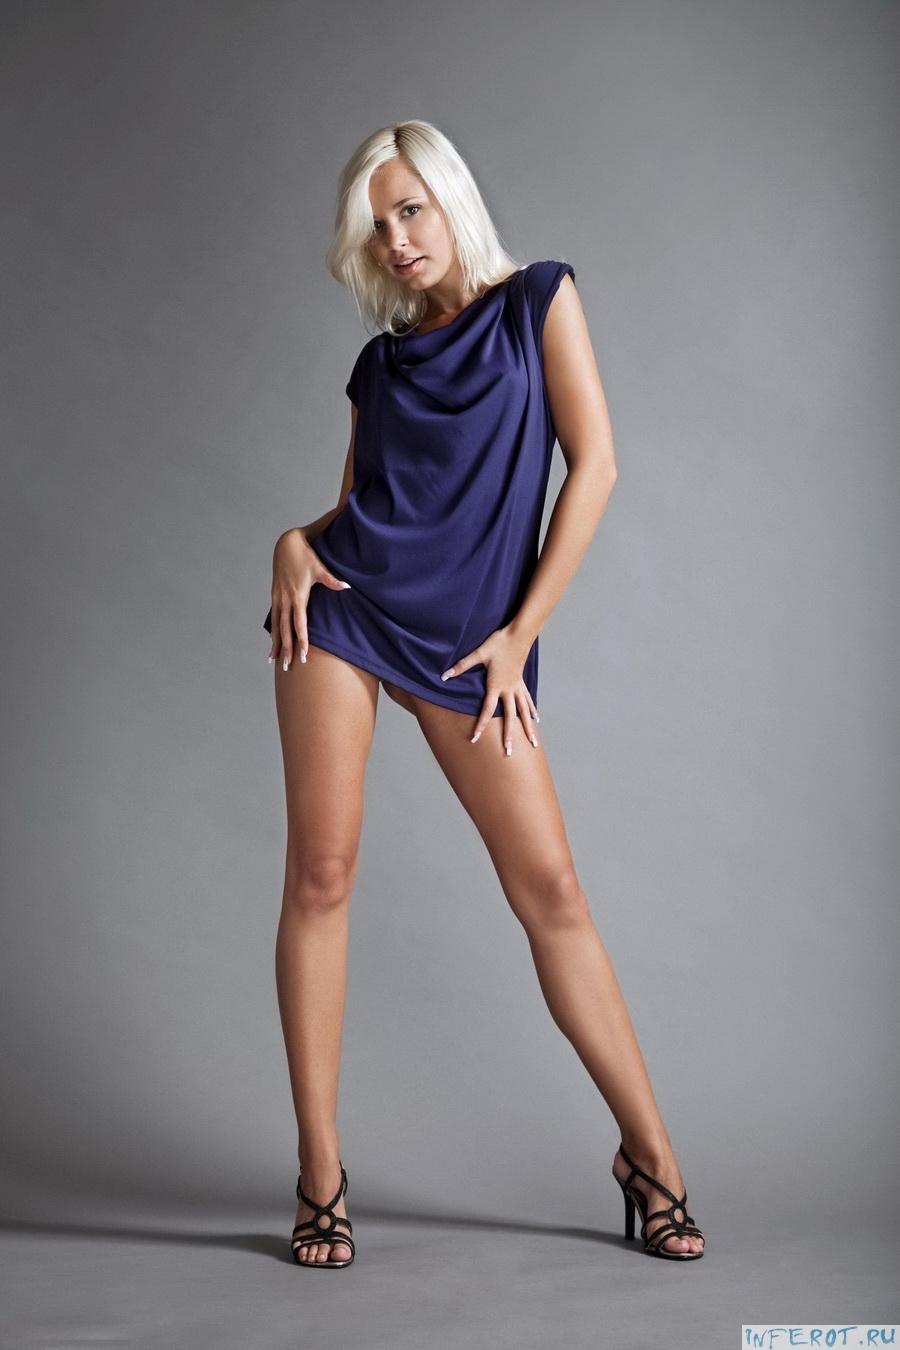 Длинноногая блондинка (20 фото)